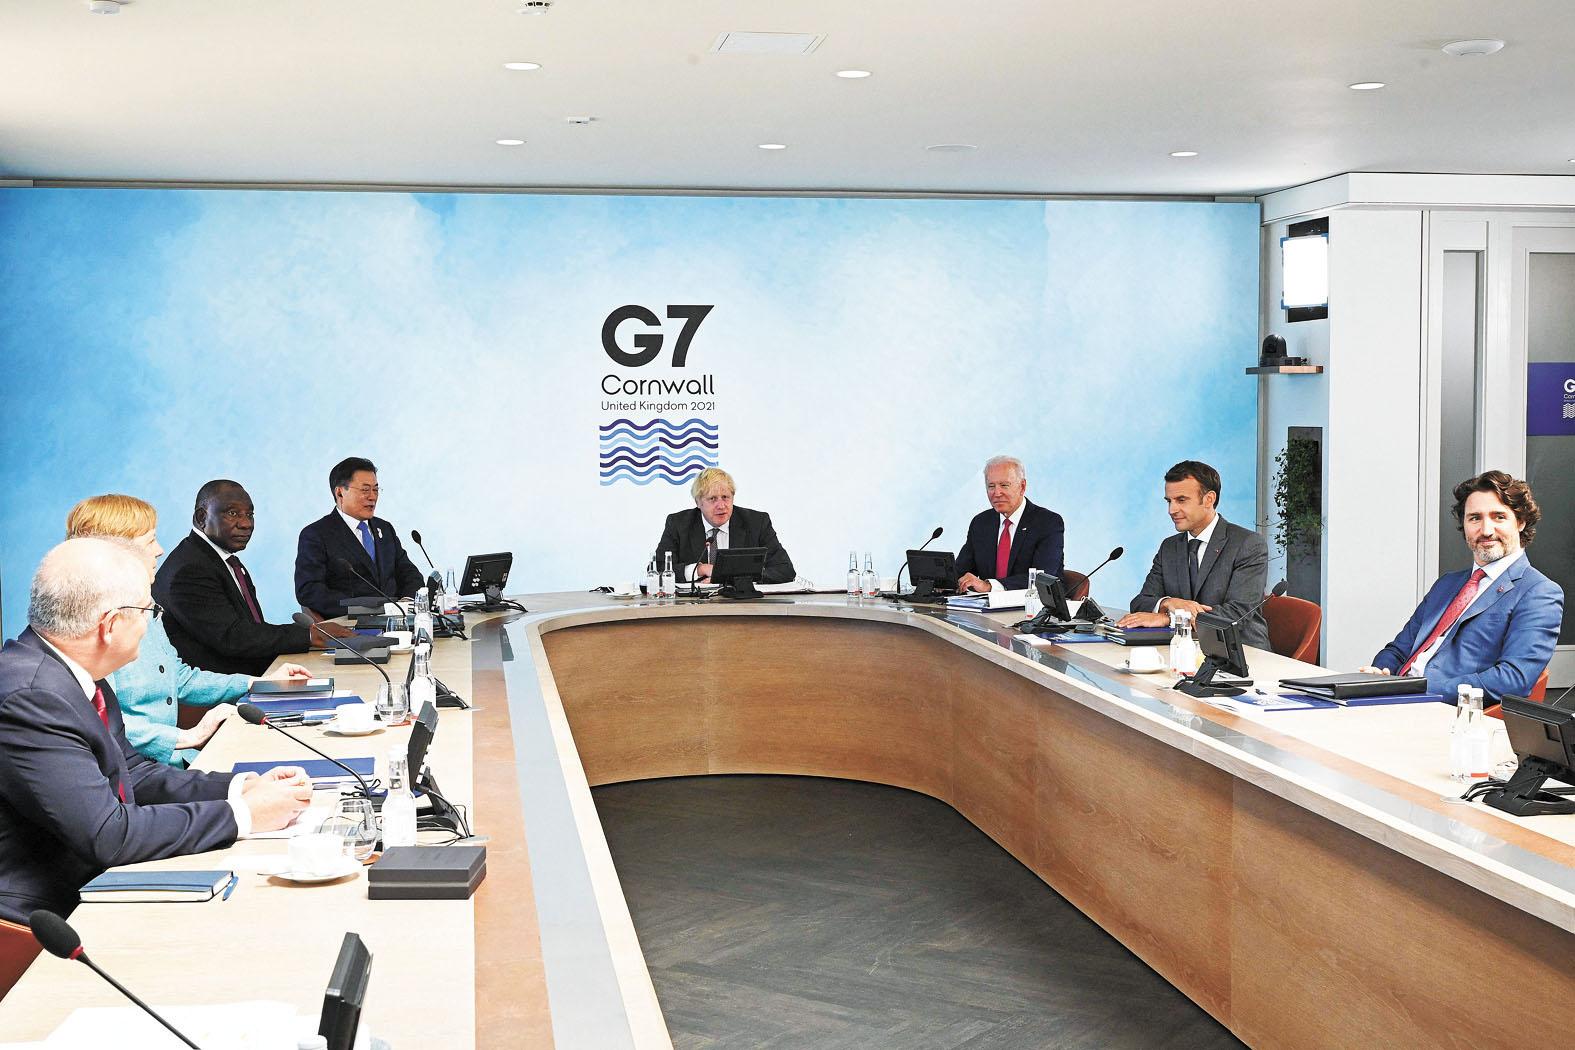 12日,G7第二天峰會採納一項由美國倡導的全球基建新計劃,旨在抗衡中國的「一帶一路」倡議。法新社